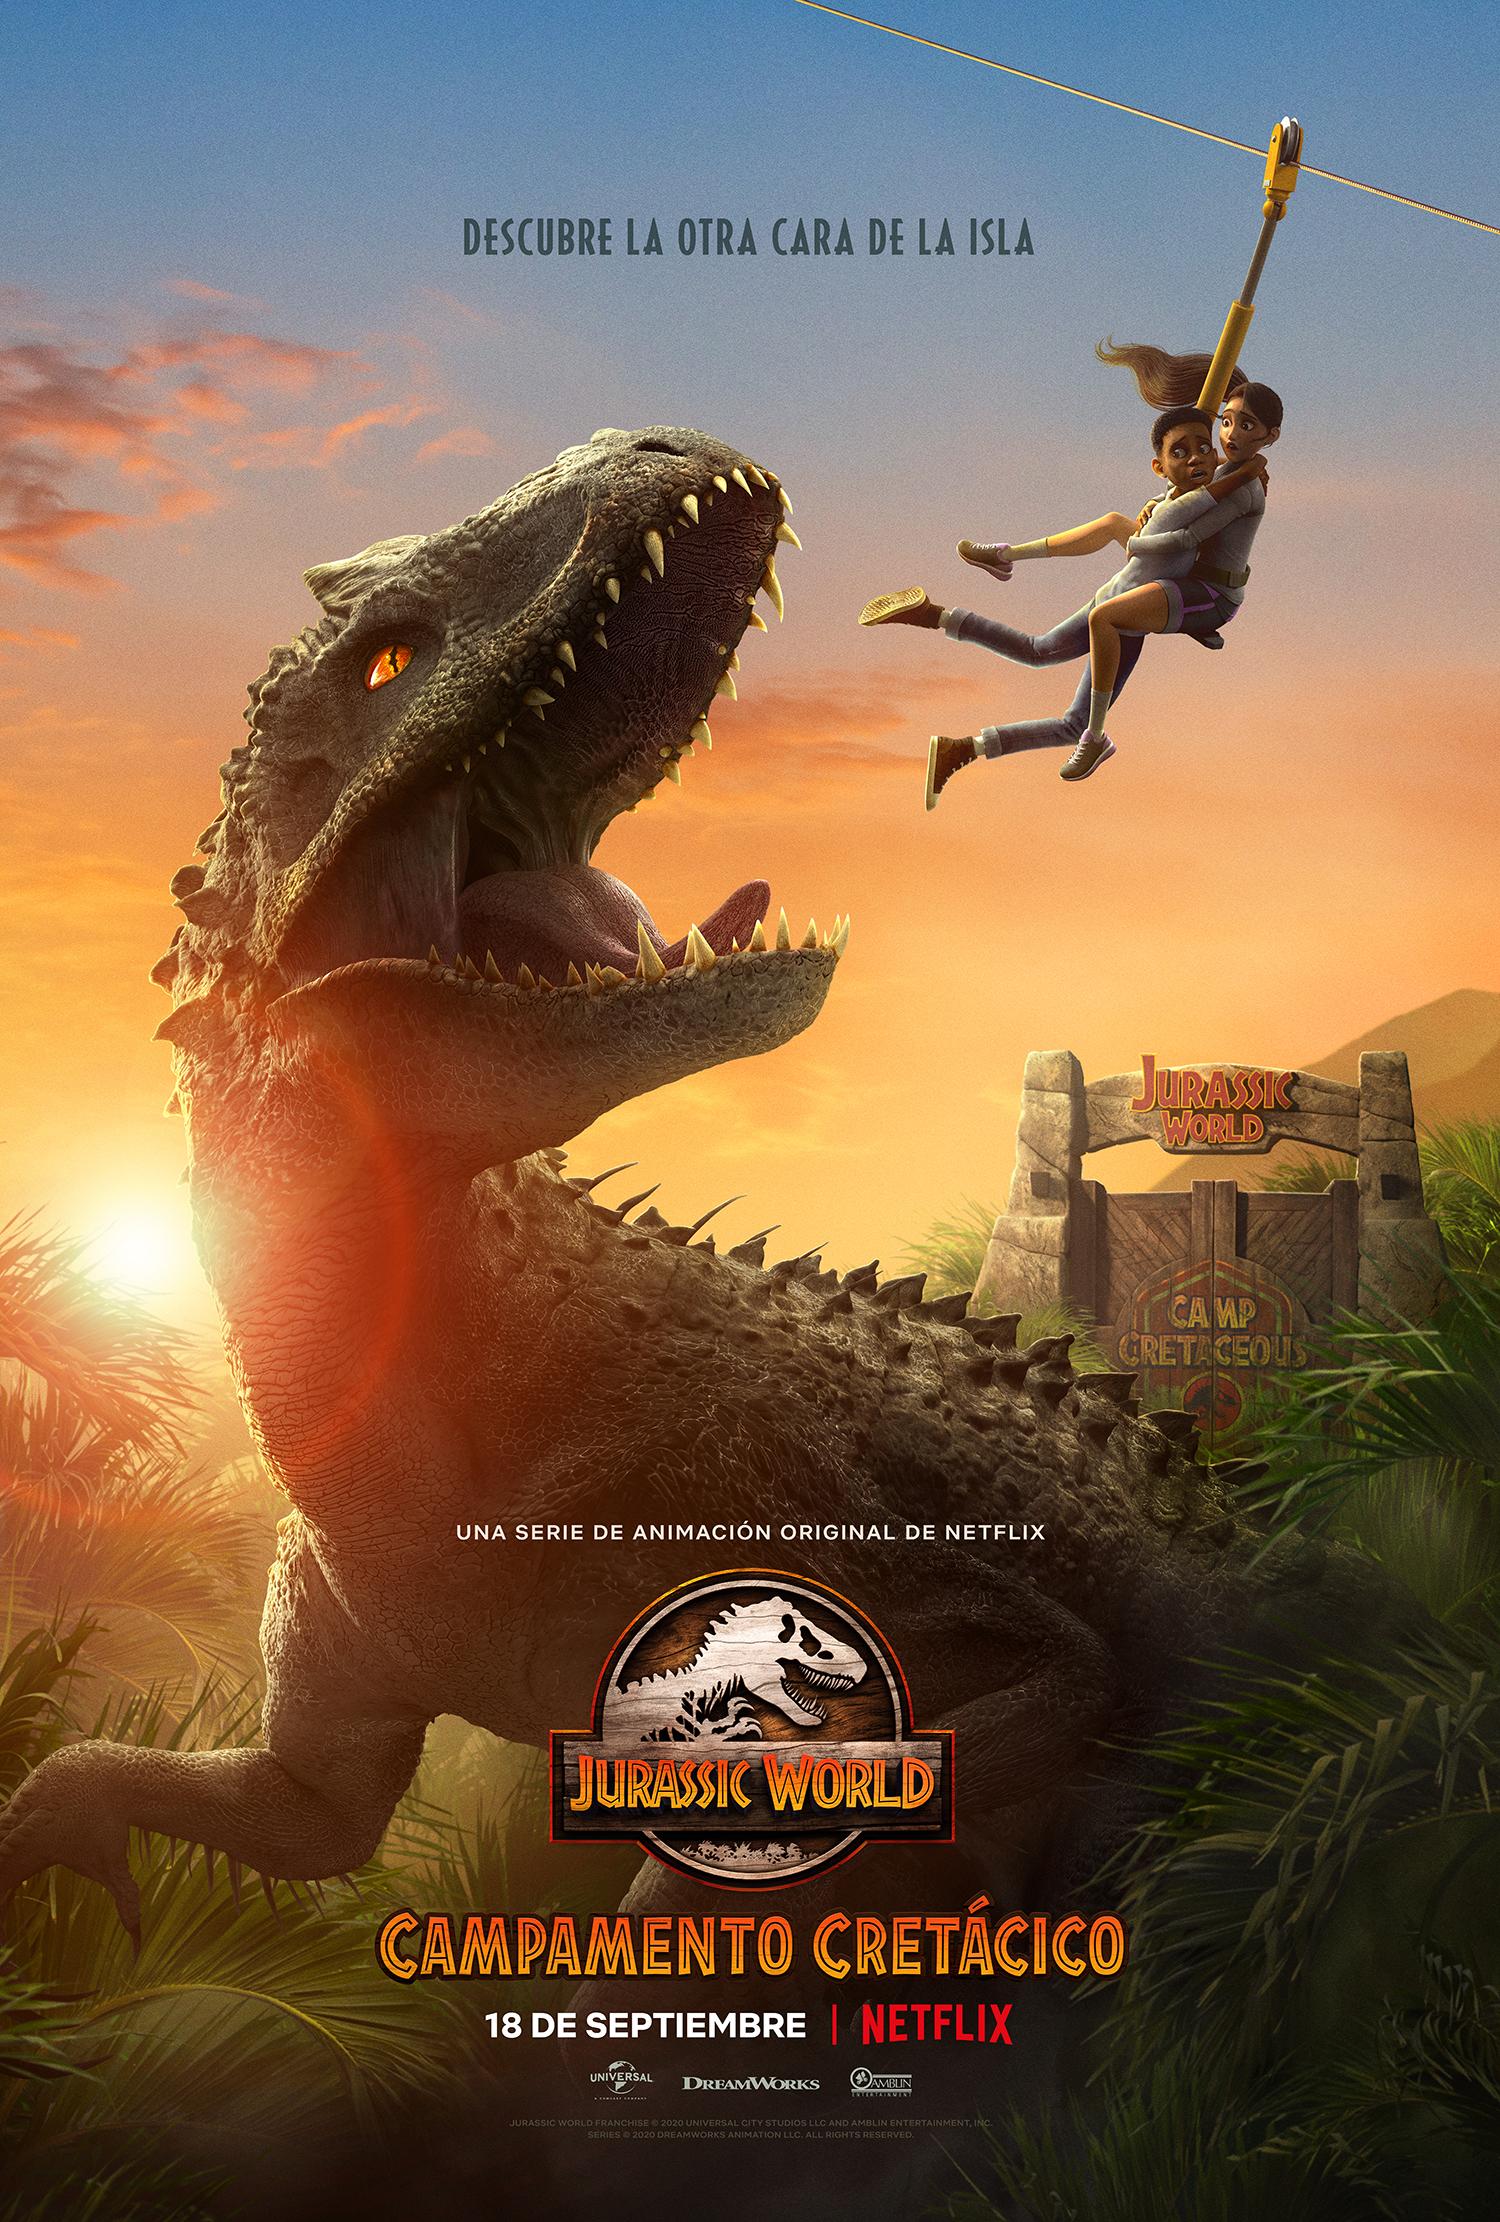 Jurassic World - Campamento Cretácico